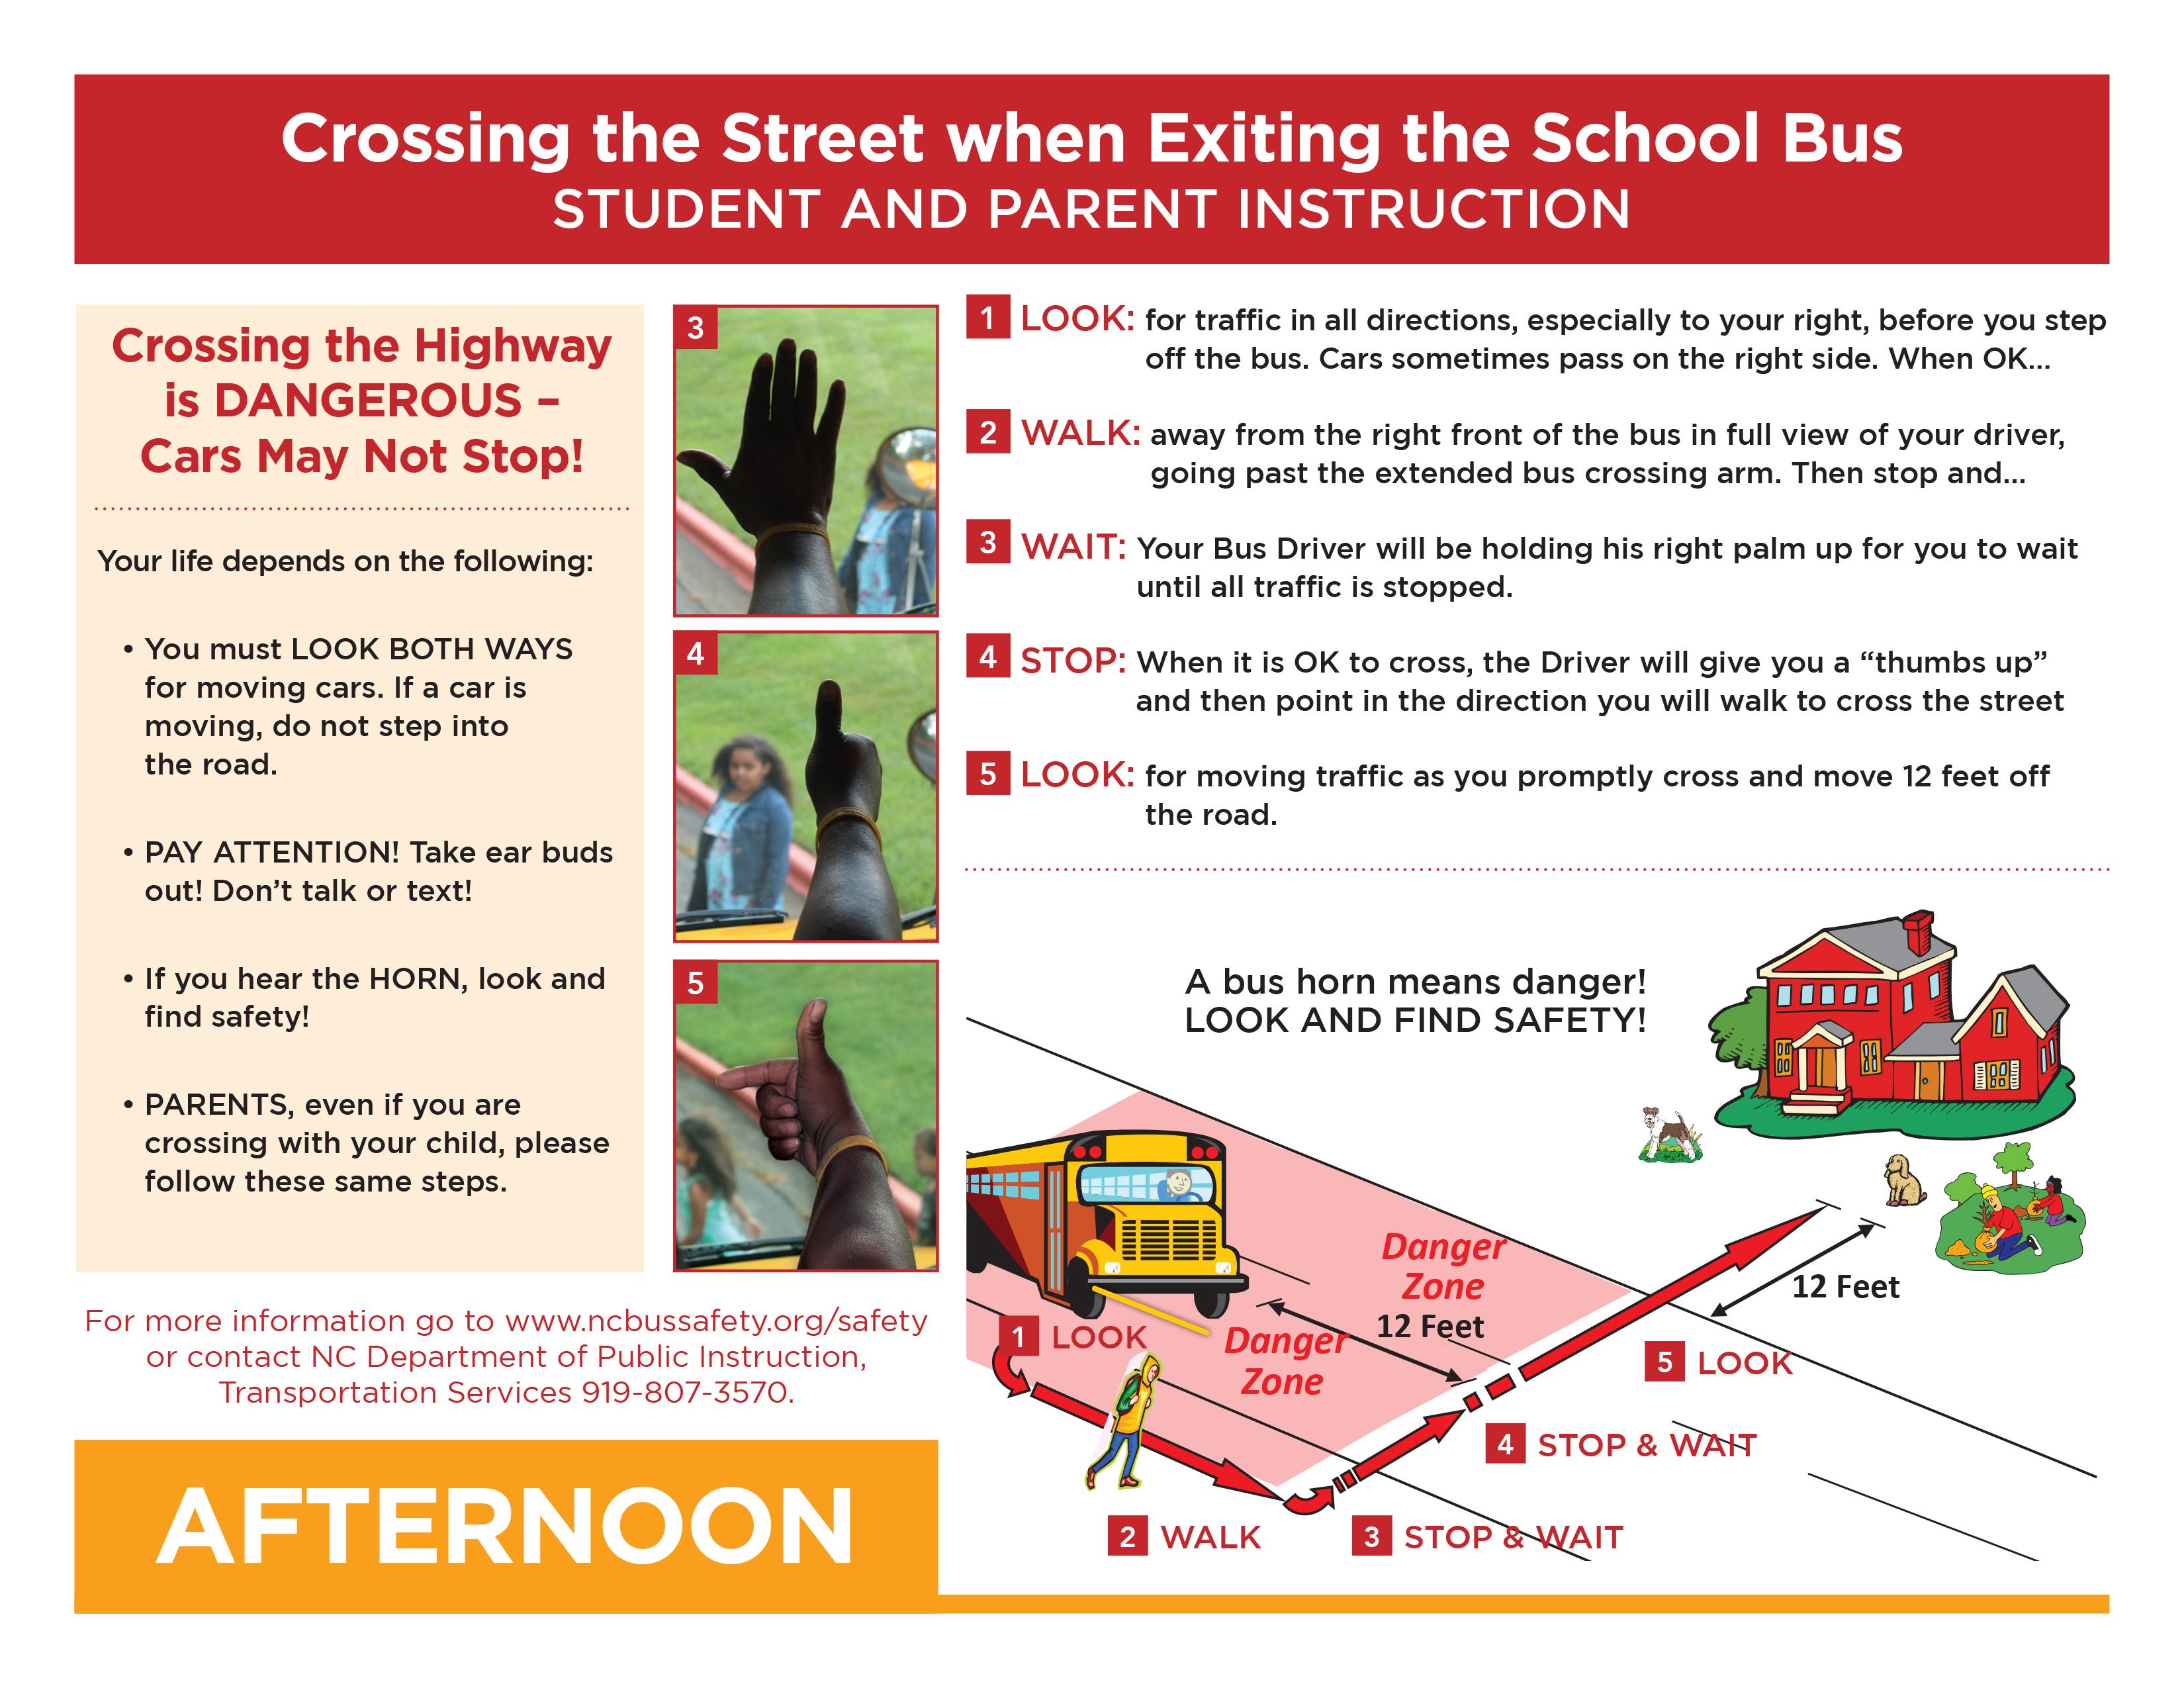 School Bus Crossing Procedures Overview